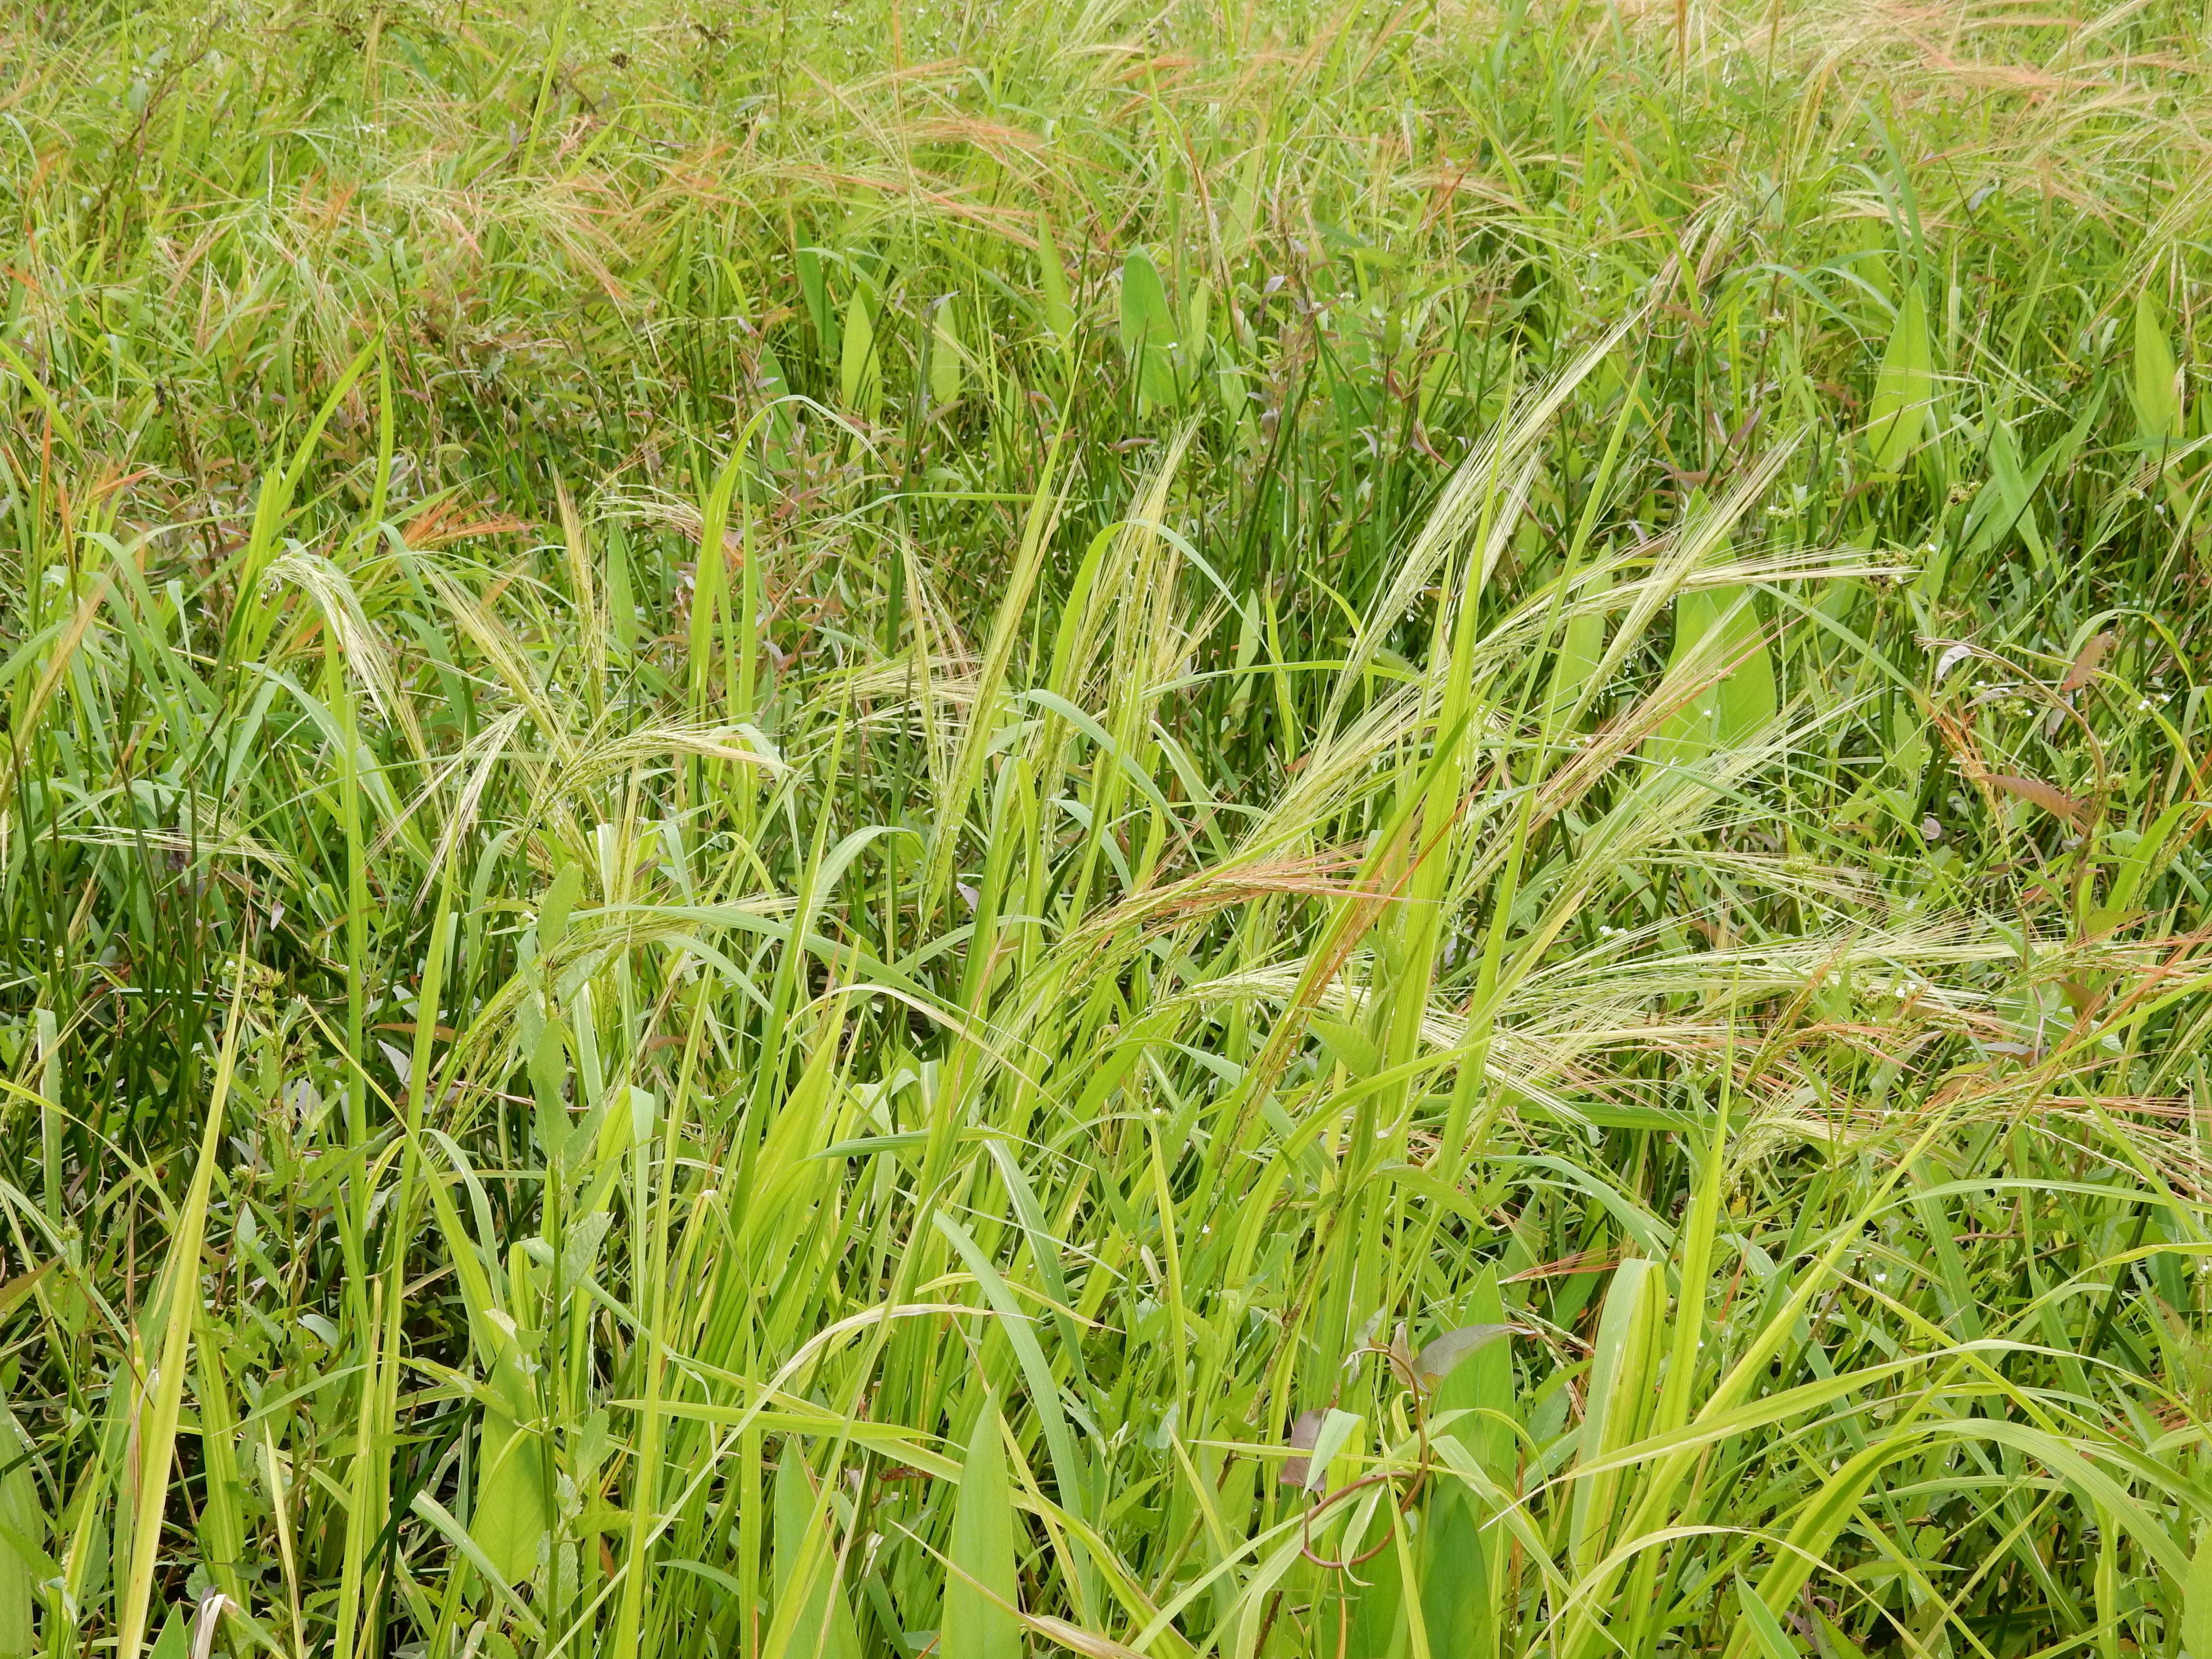 Plants growing in rice field